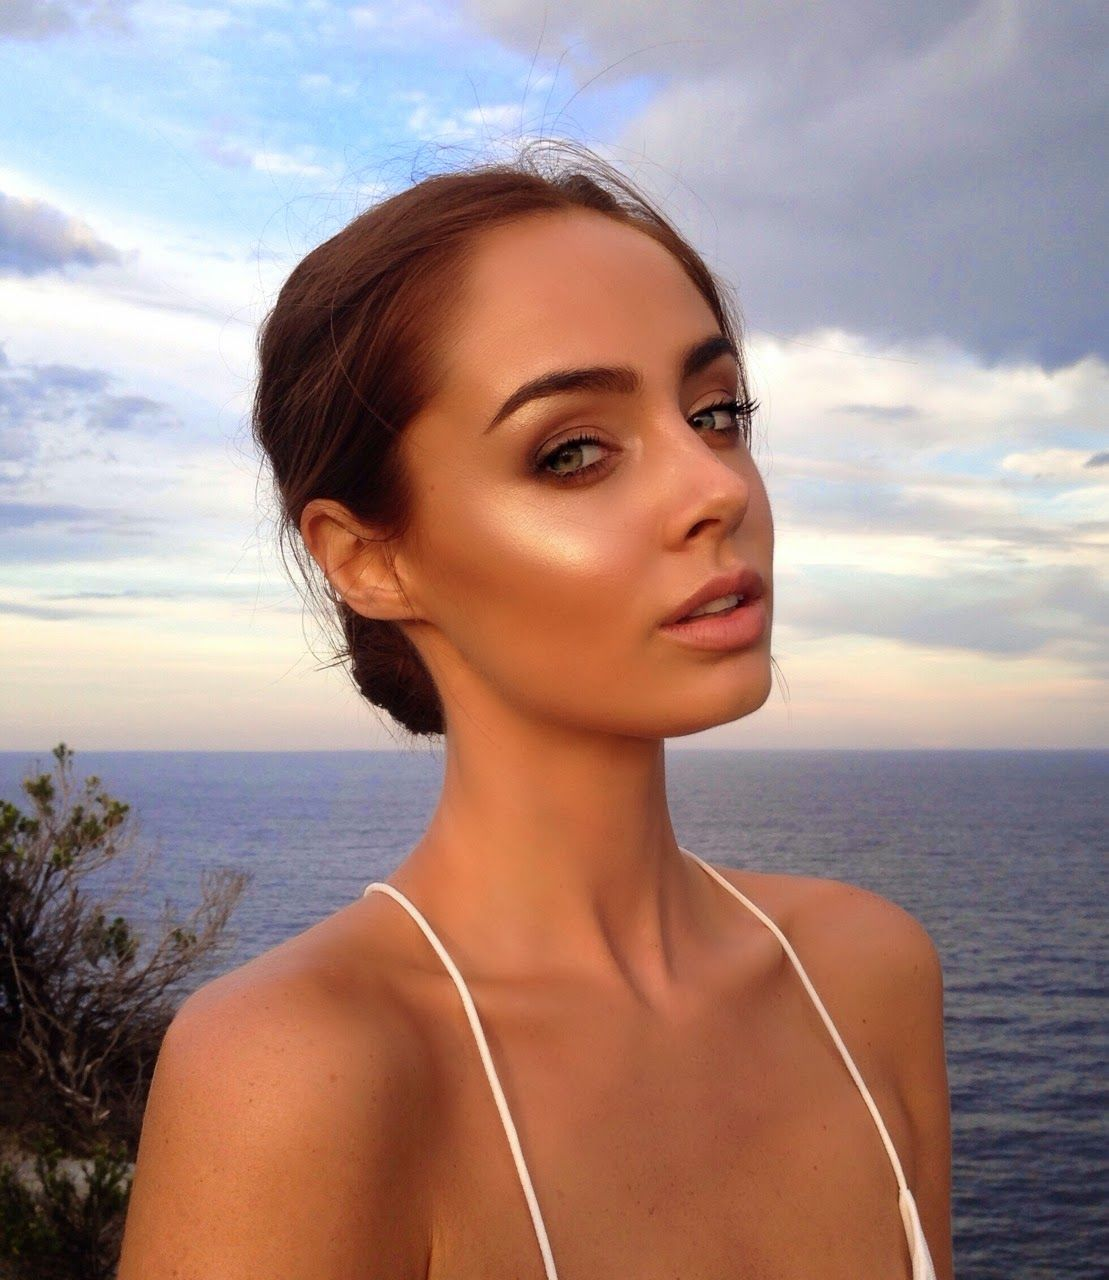 Make up Sunkissed makeup, Glowy makeup, Natural makeup